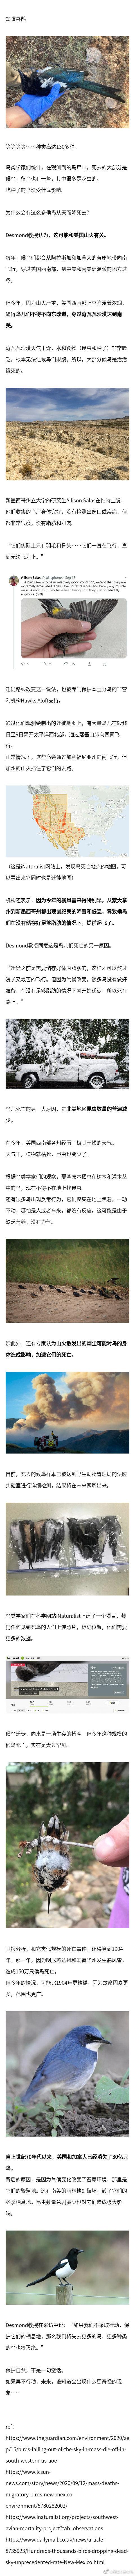 数十万只侯鸟在美国上空坠落死亡,整座山丘满是鸟的尸体